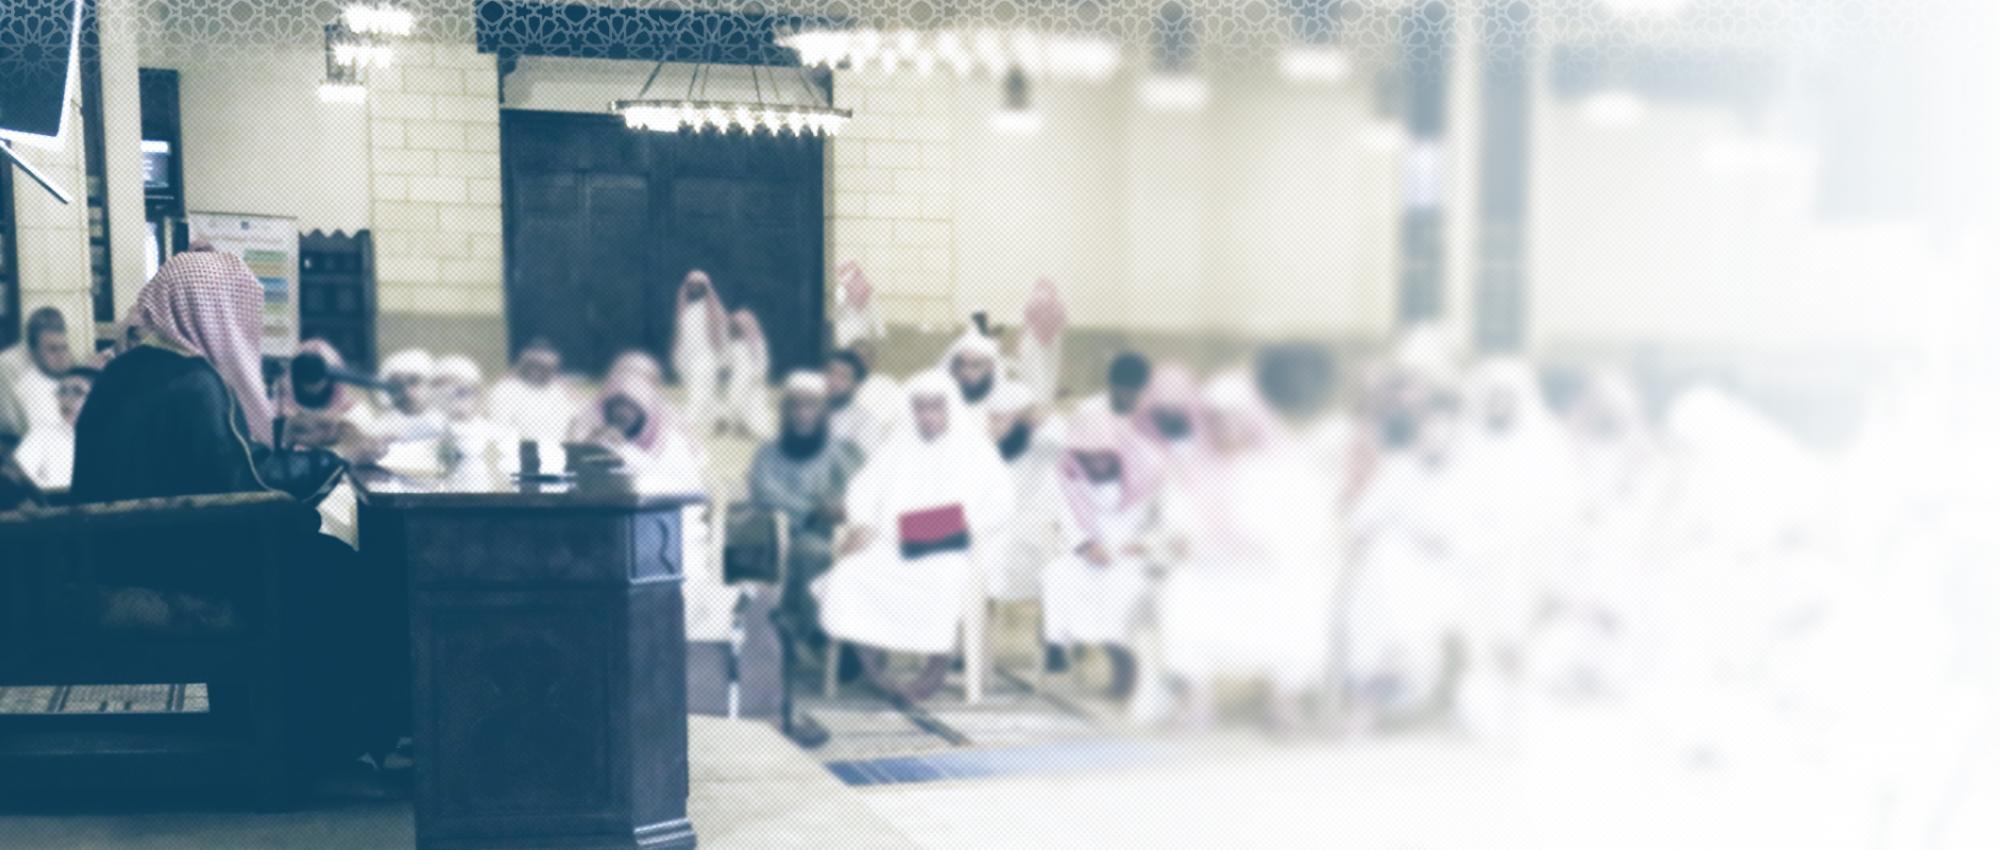 إحياء رسالة المسجد في الإسلام